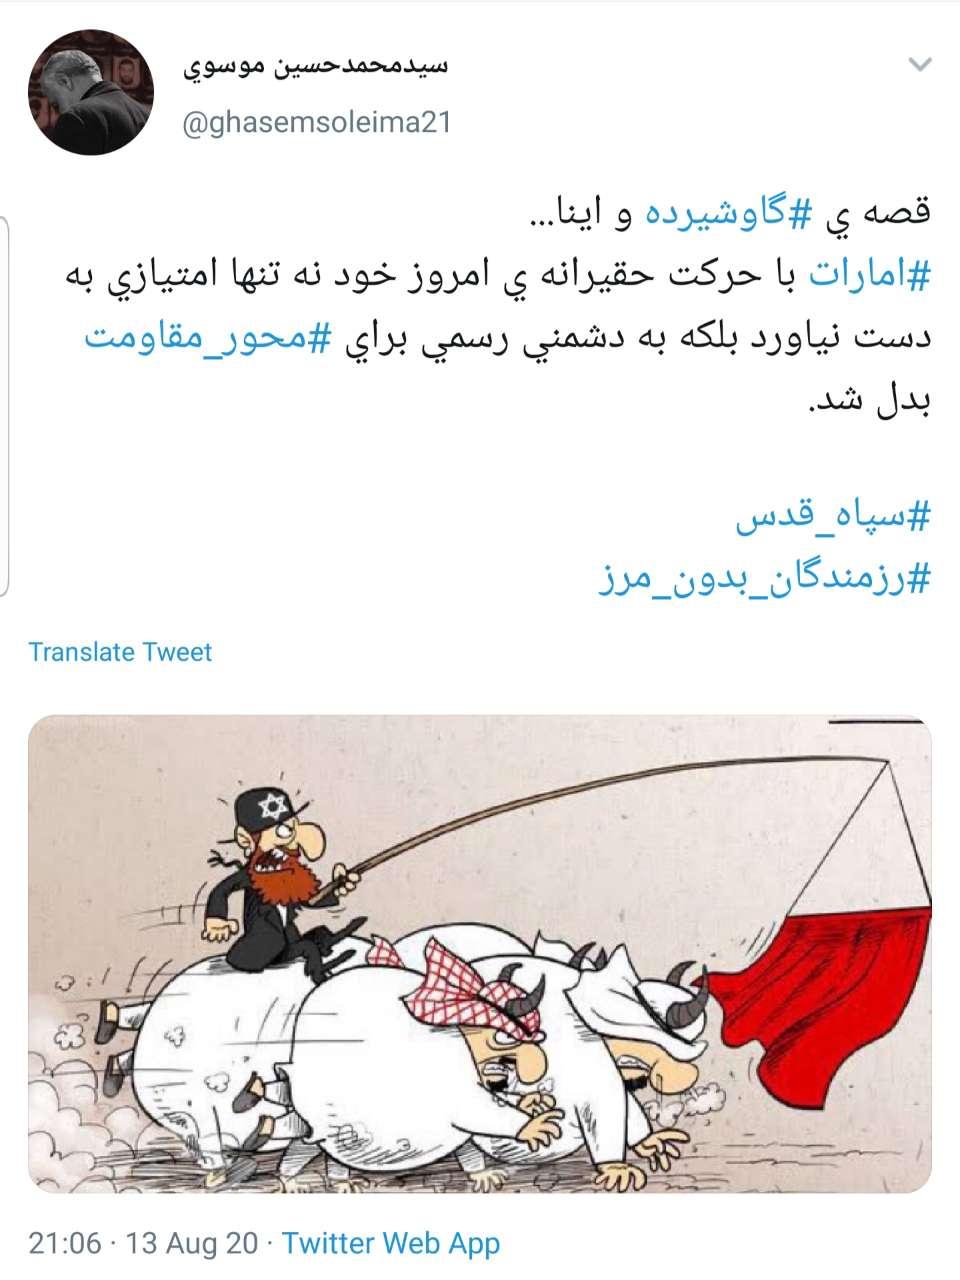 توافق با اسرائیل امارات را غرق خواهد کردبا اسرائیل امارات را غرق خواهد کرد